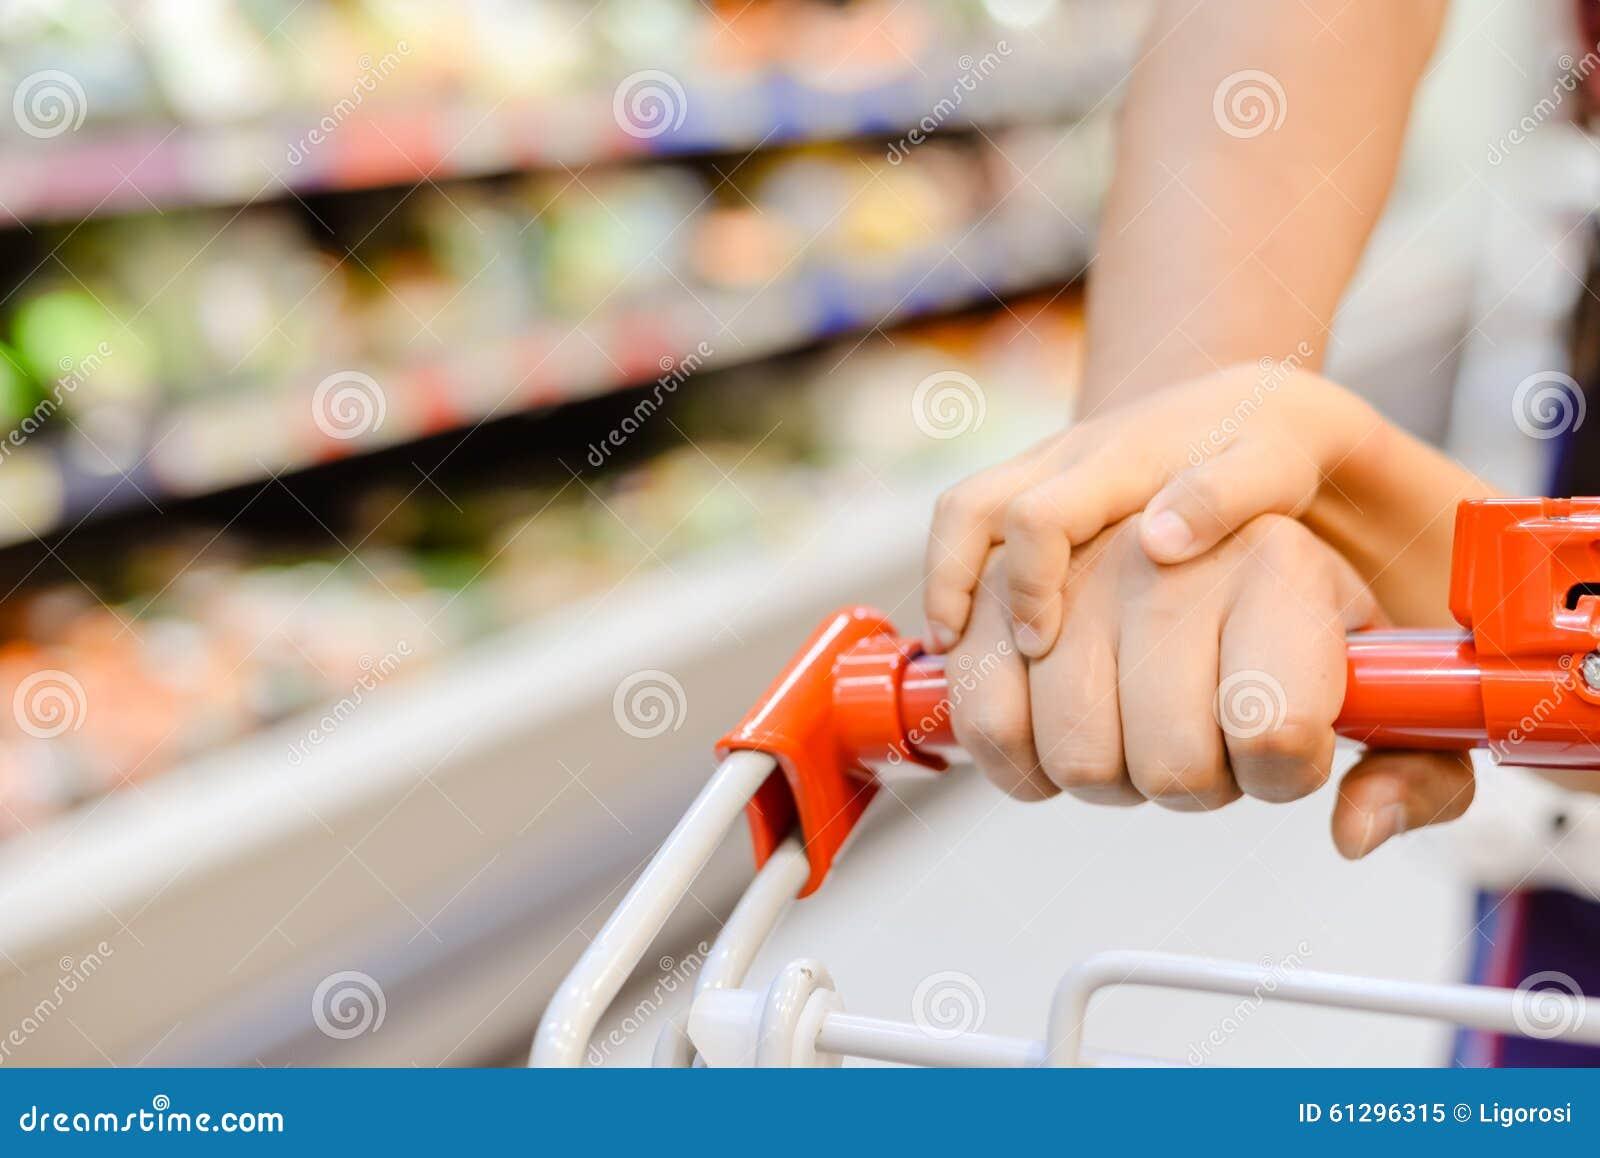 Carretilla de mano que tira por las manos de la mujer y for Carretilla de mano segunda mano